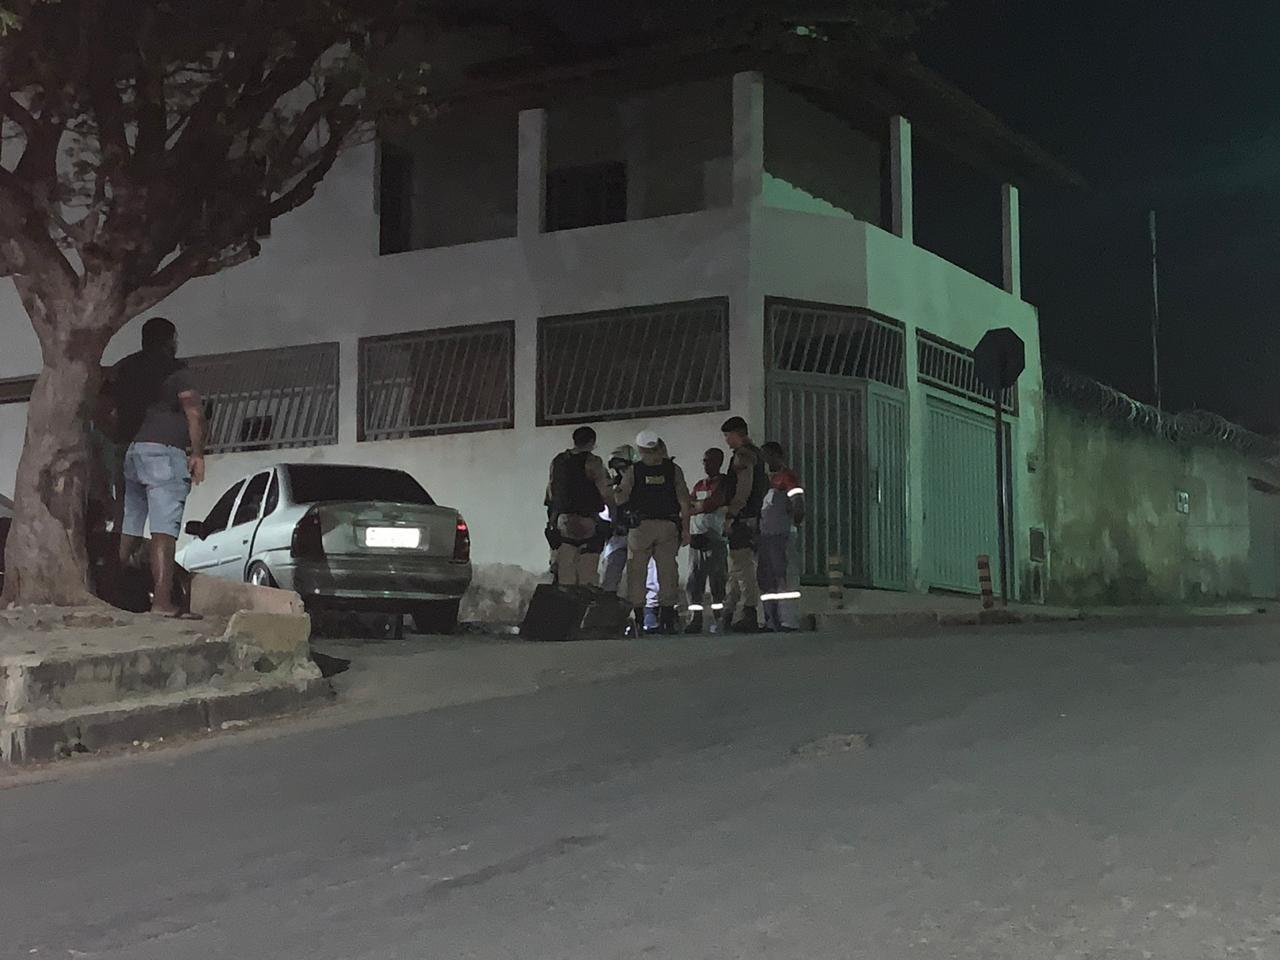 Albergado é baleado depois de fugir de abordagem policial em Montes Claros - Notícias - Plantão Diário